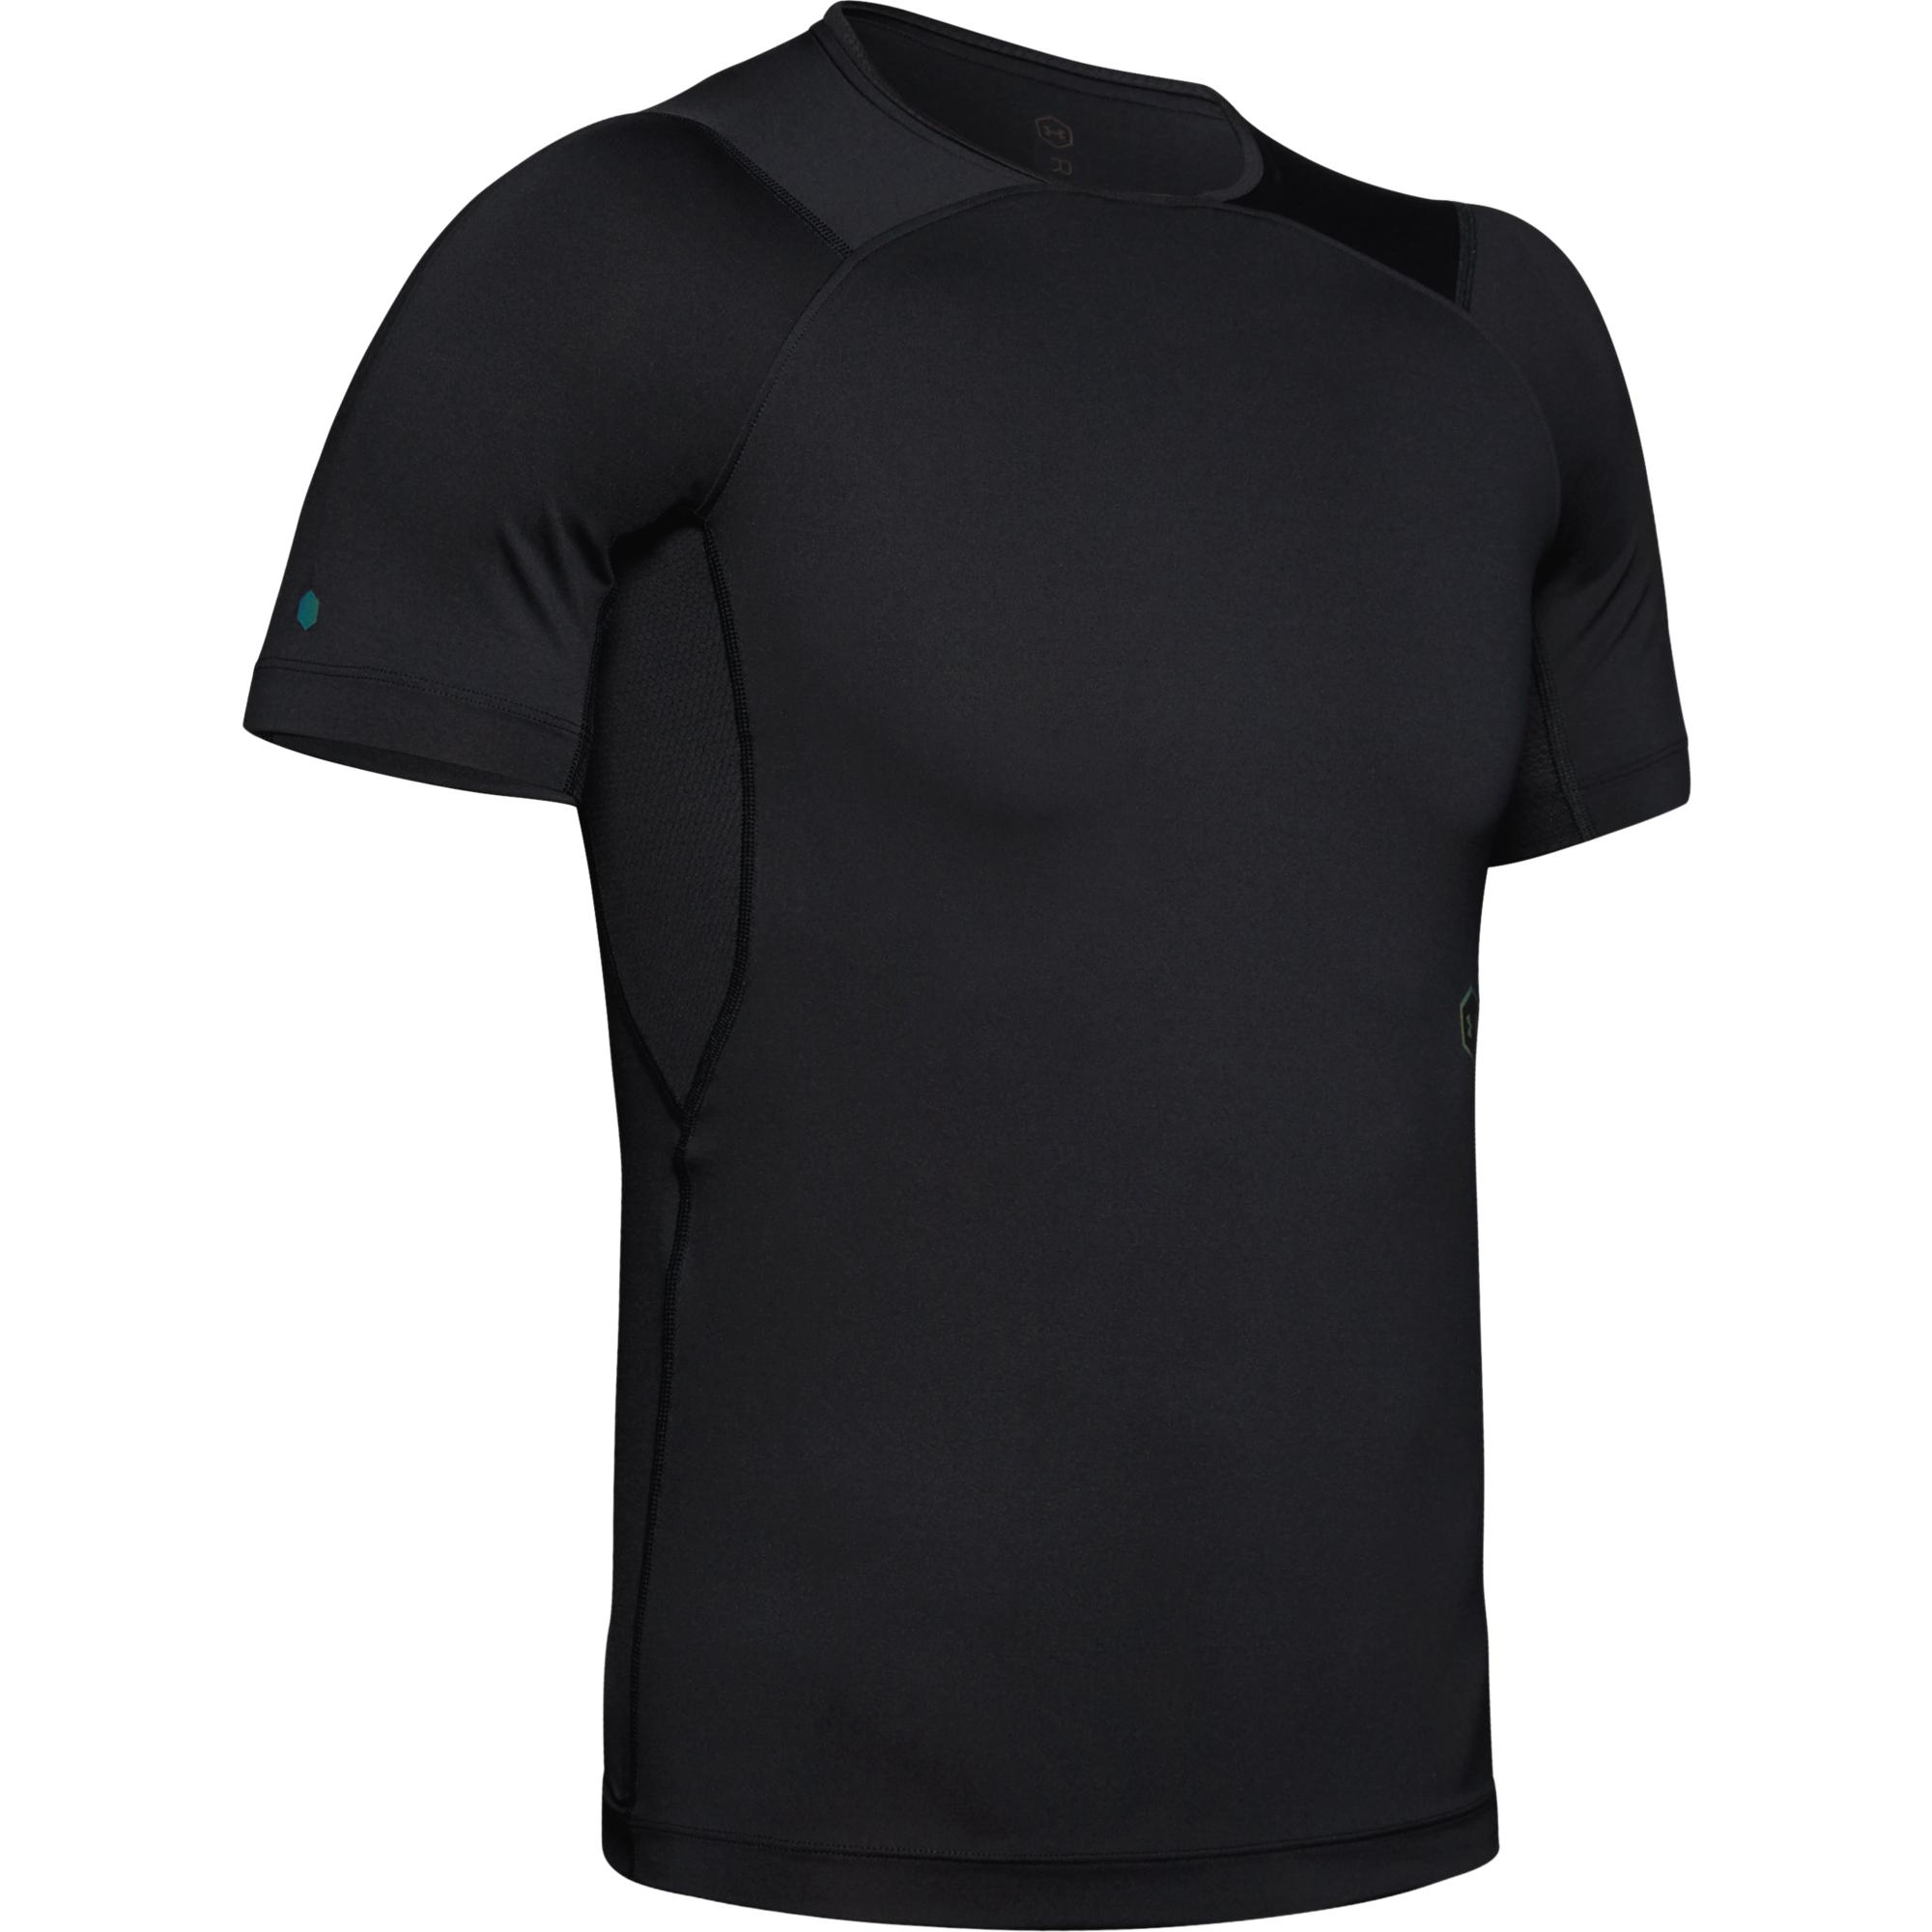 Kompresní tričko Under Armour Rush Compression Ss